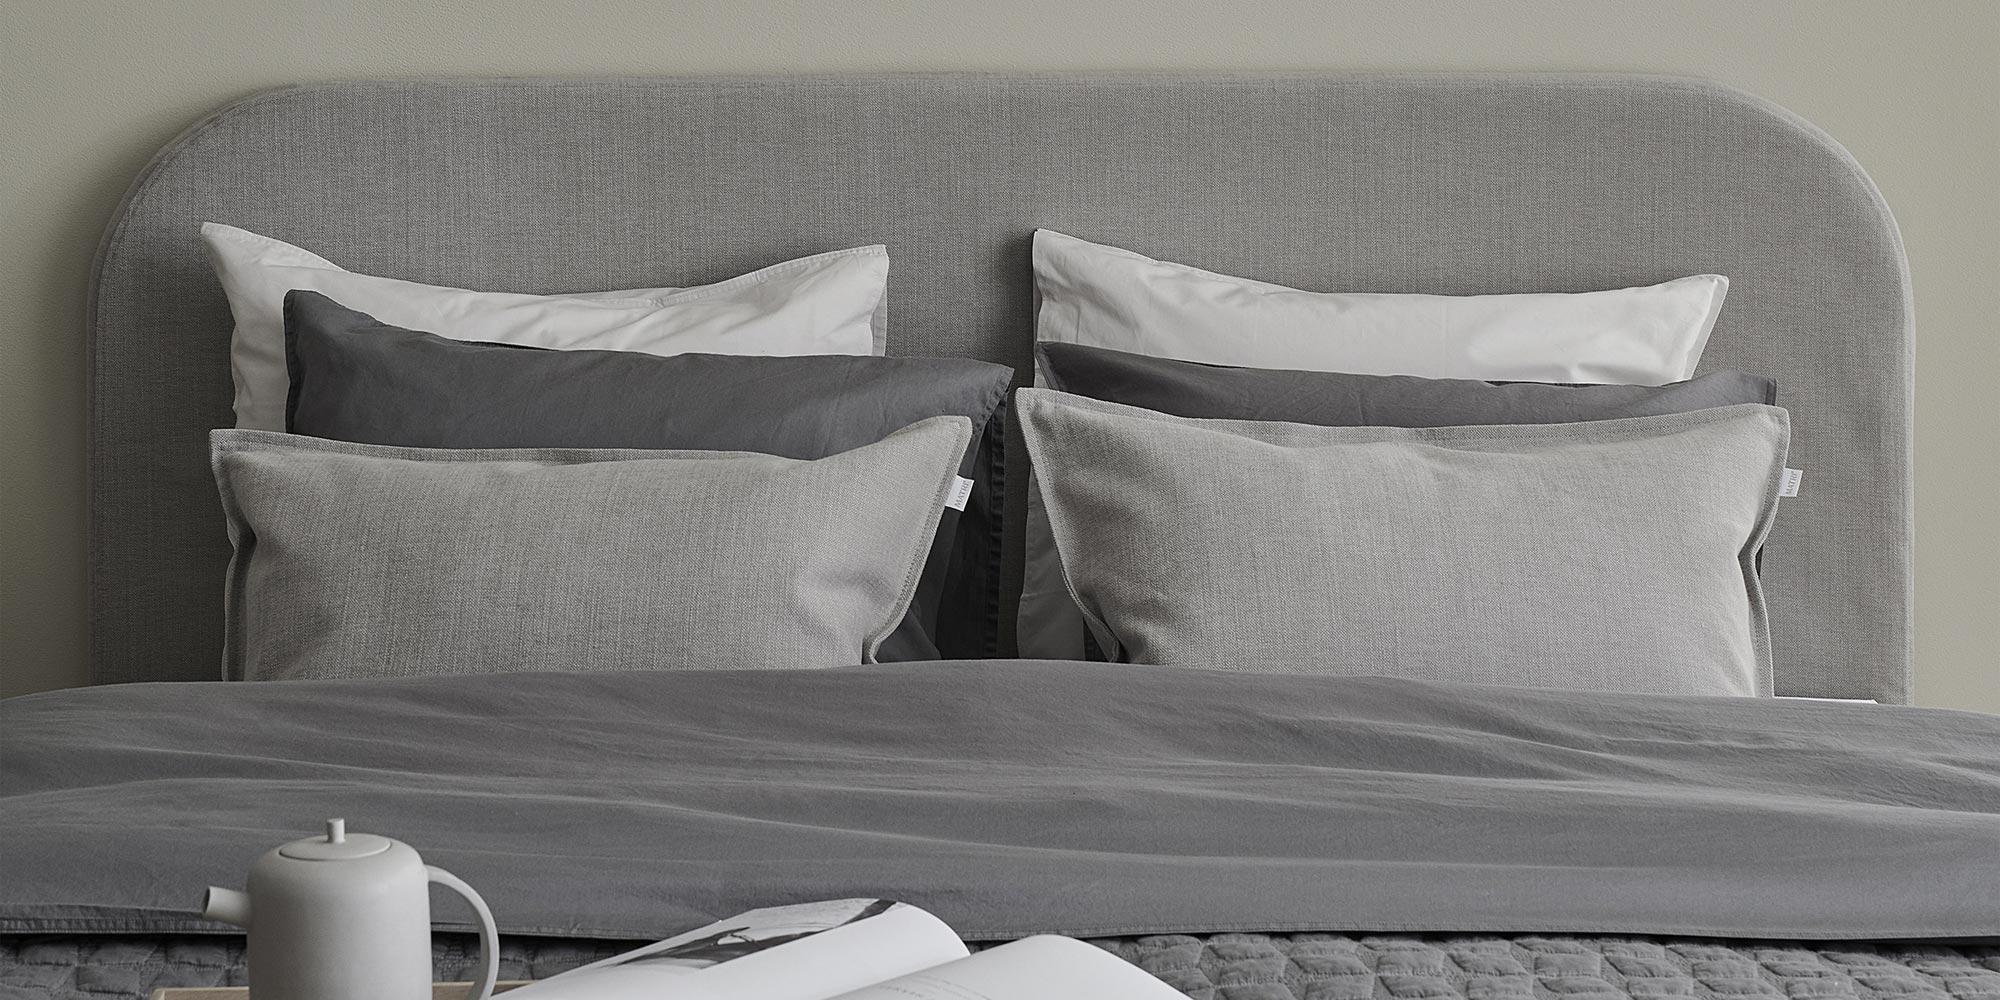 Full Size of Bett Rückwand Hochwertige Kopfteile Fr Ihr Boxspringbett Fennobed 220 X Schwebendes Schlicht Rückenlehne Betten Köln 160x200 Mit Lattenrost Und Matratze Bett Bett Rückwand